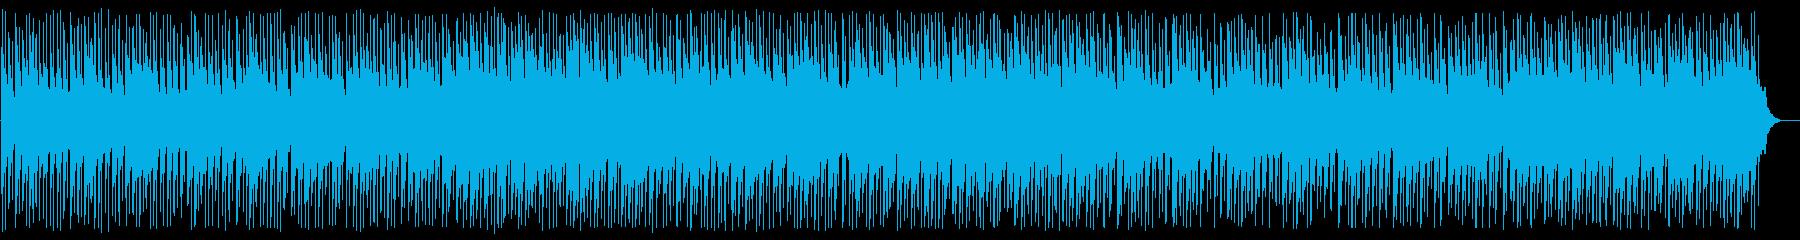 和風で寂しげな弦楽器の集まりの再生済みの波形